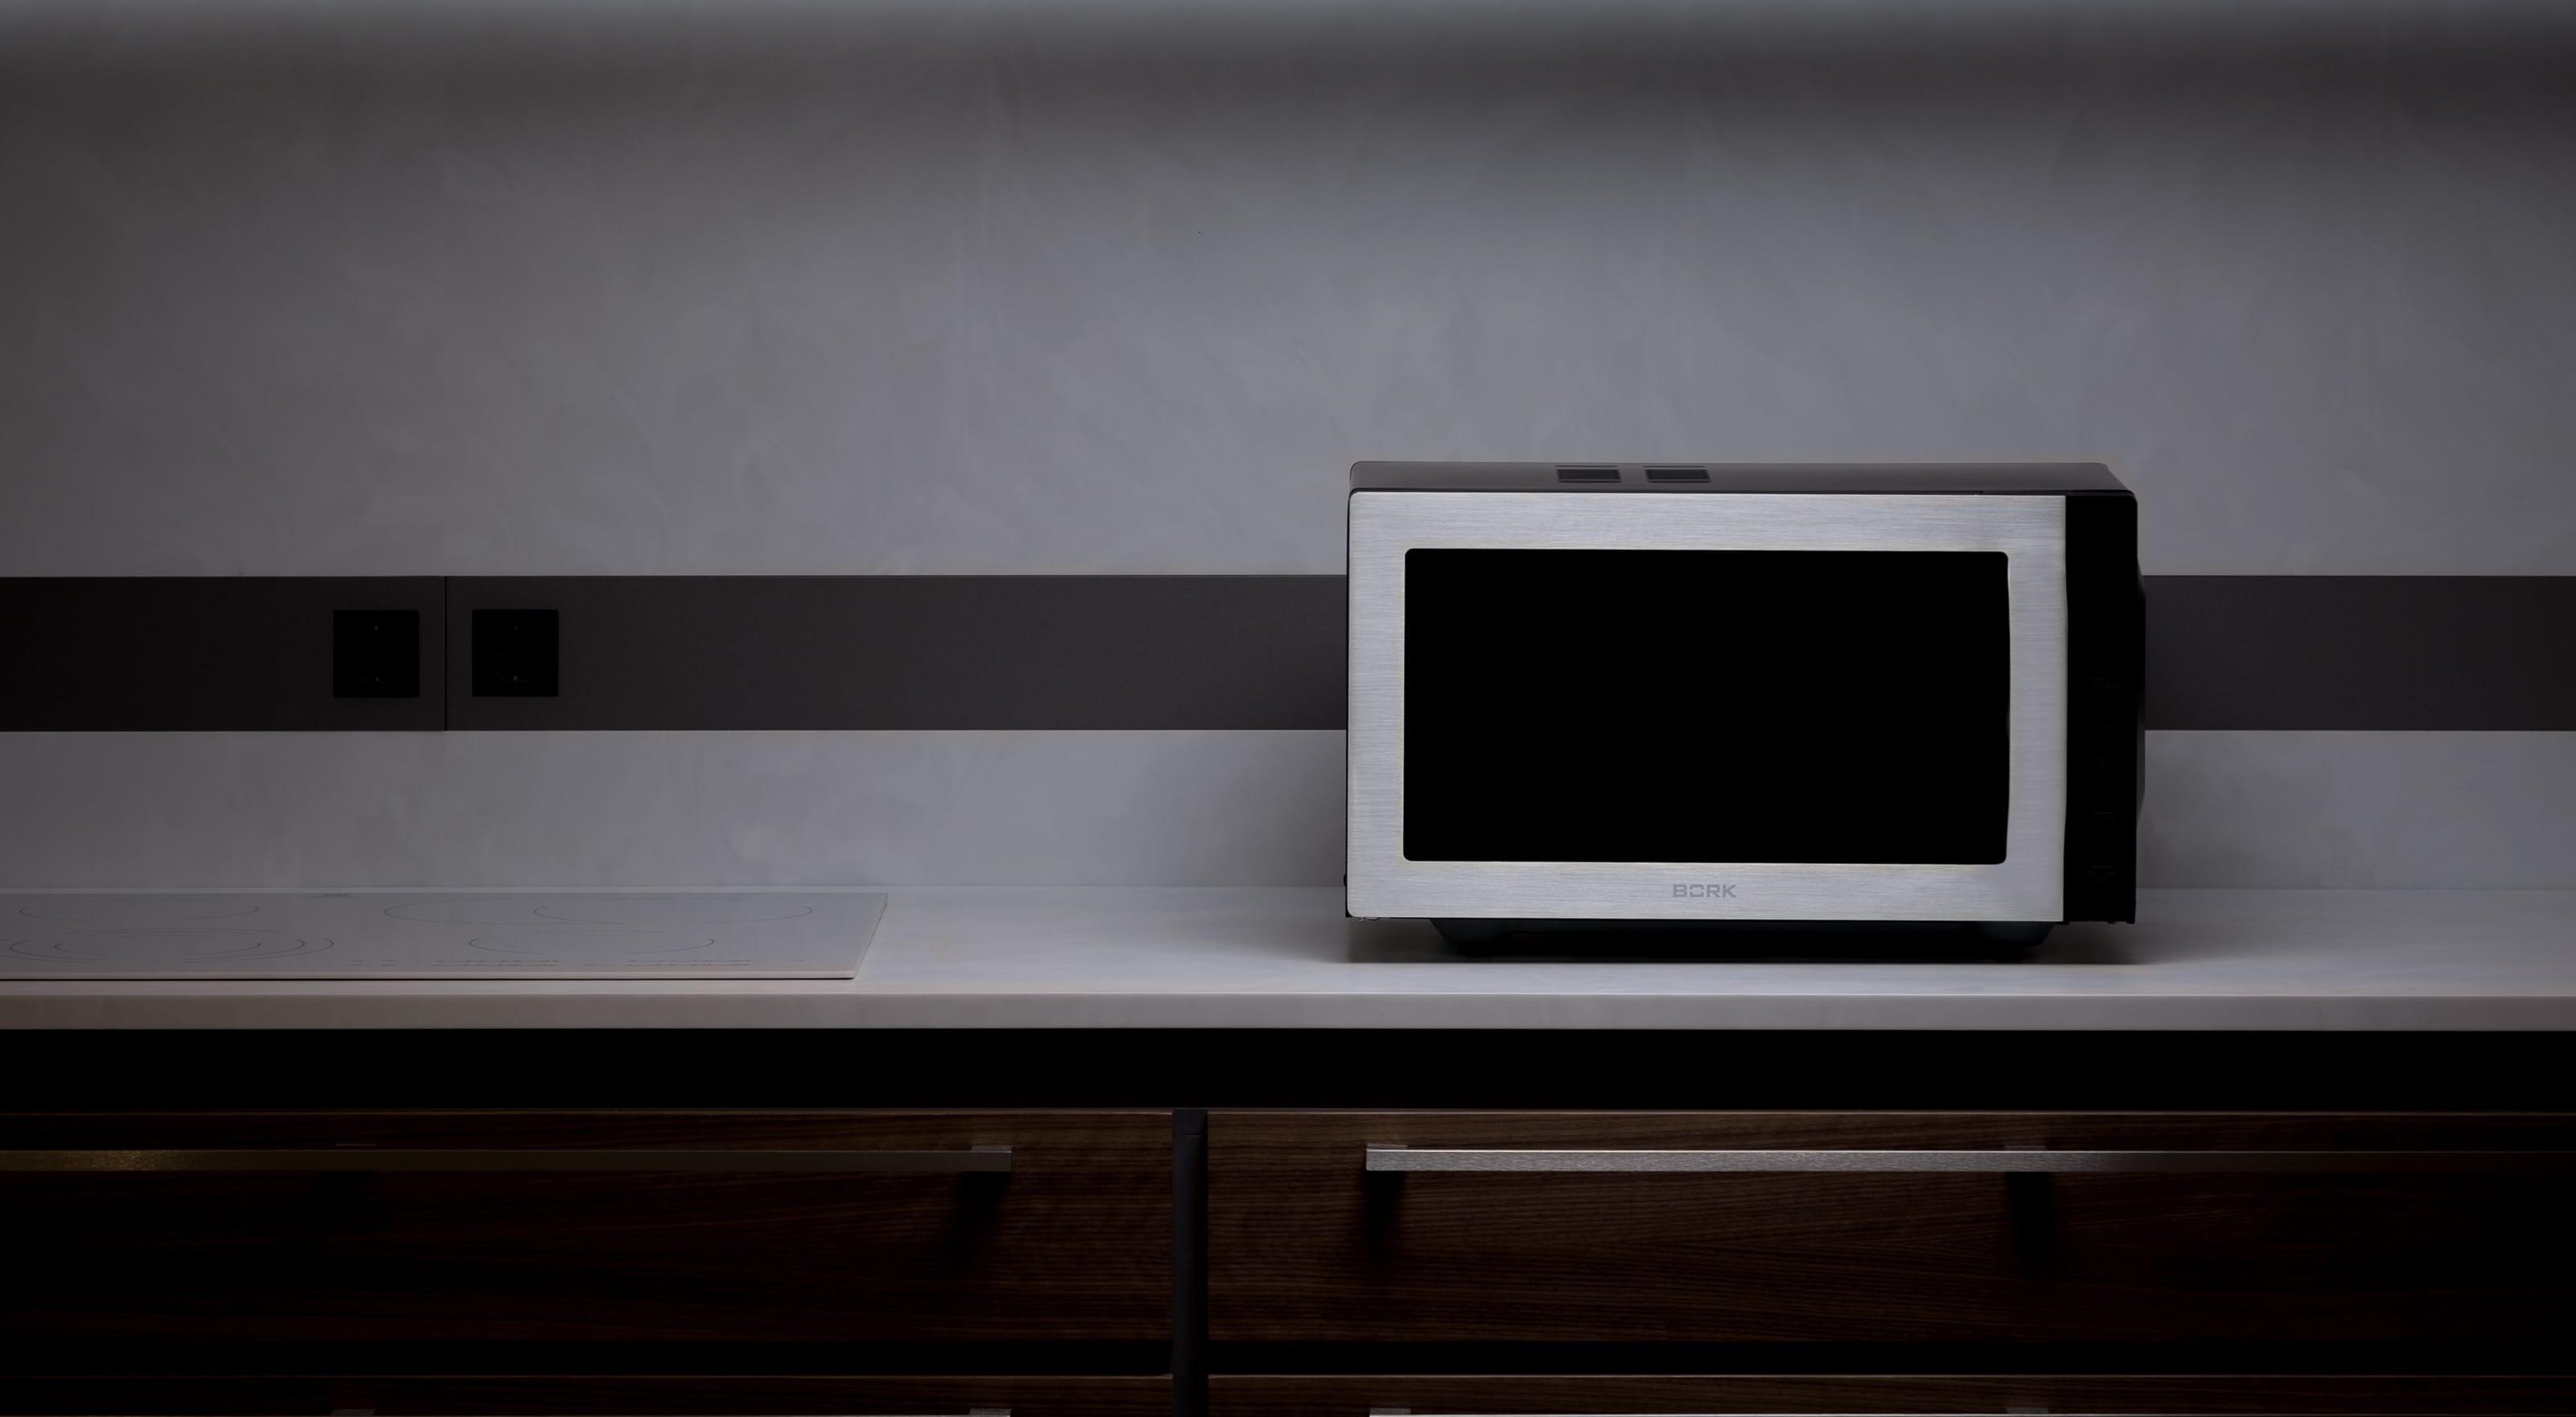 Микроволновая печь W503